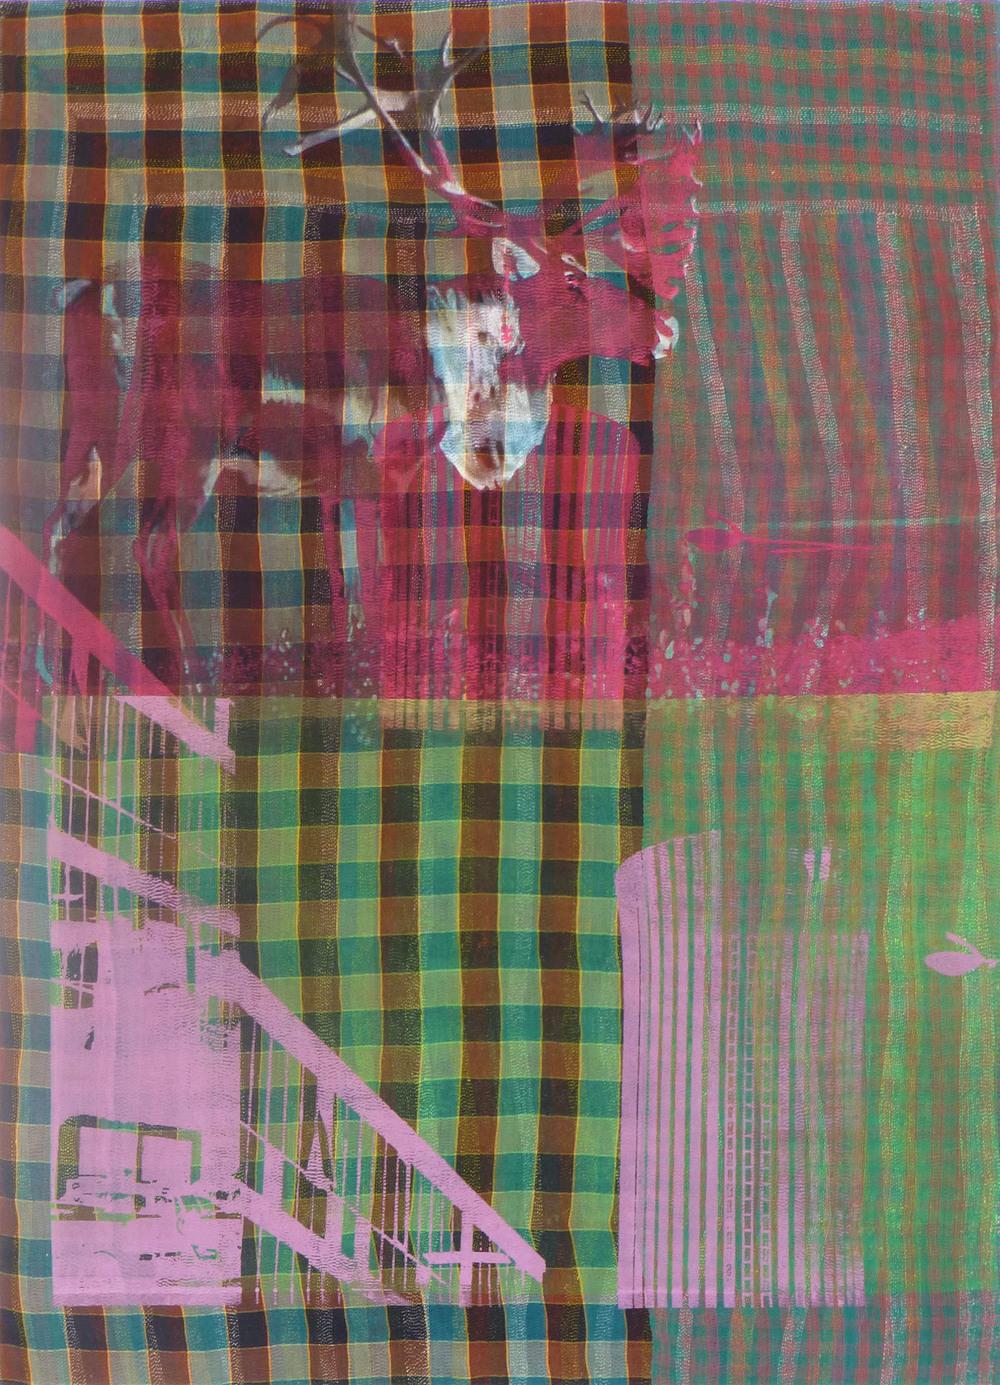 Shezad Dawood   Carimbemba , 2012 acrylic on vintage textile 68.9 x 49.61 inches 175 x 126 cm